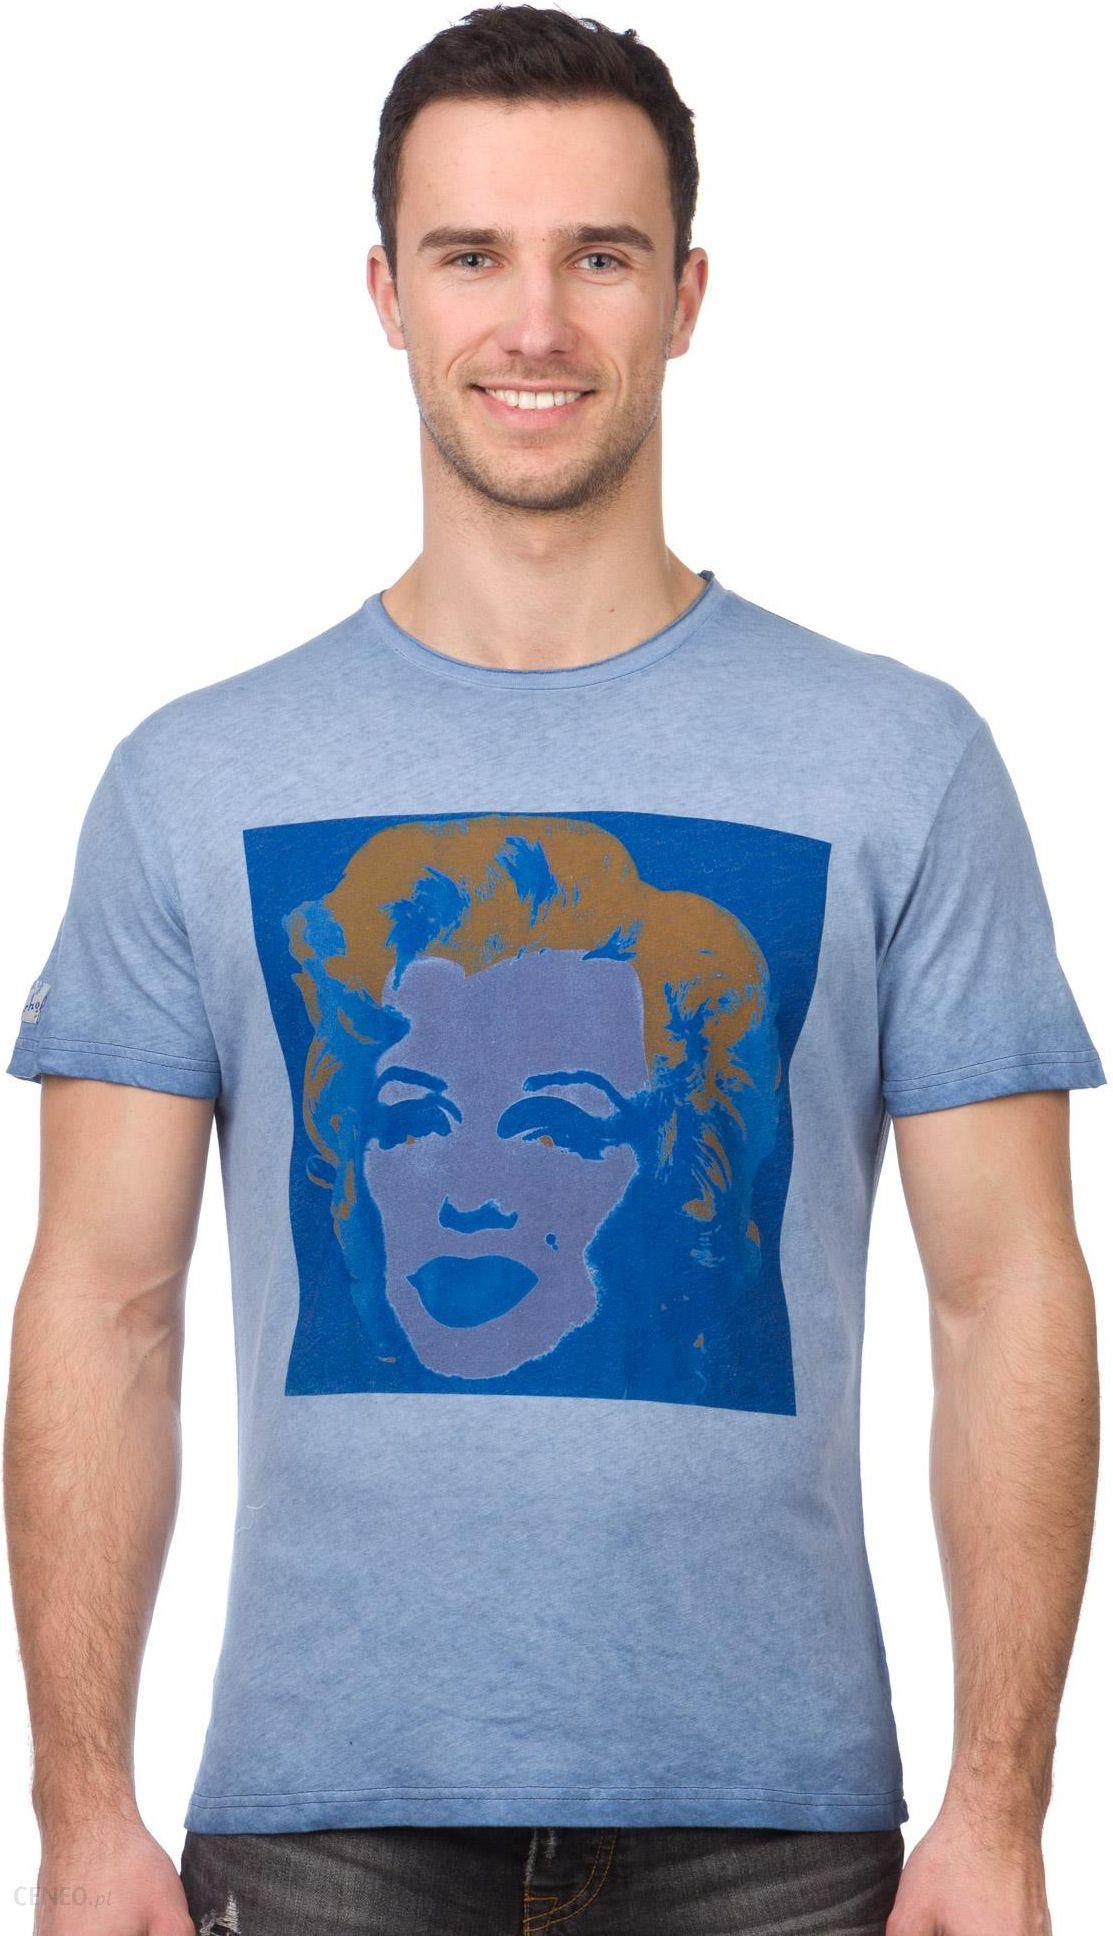 5984371f031c Pepe Jeans T-shirt męski Portrait L niebieski - Ceny i opinie - Ceneo.pl